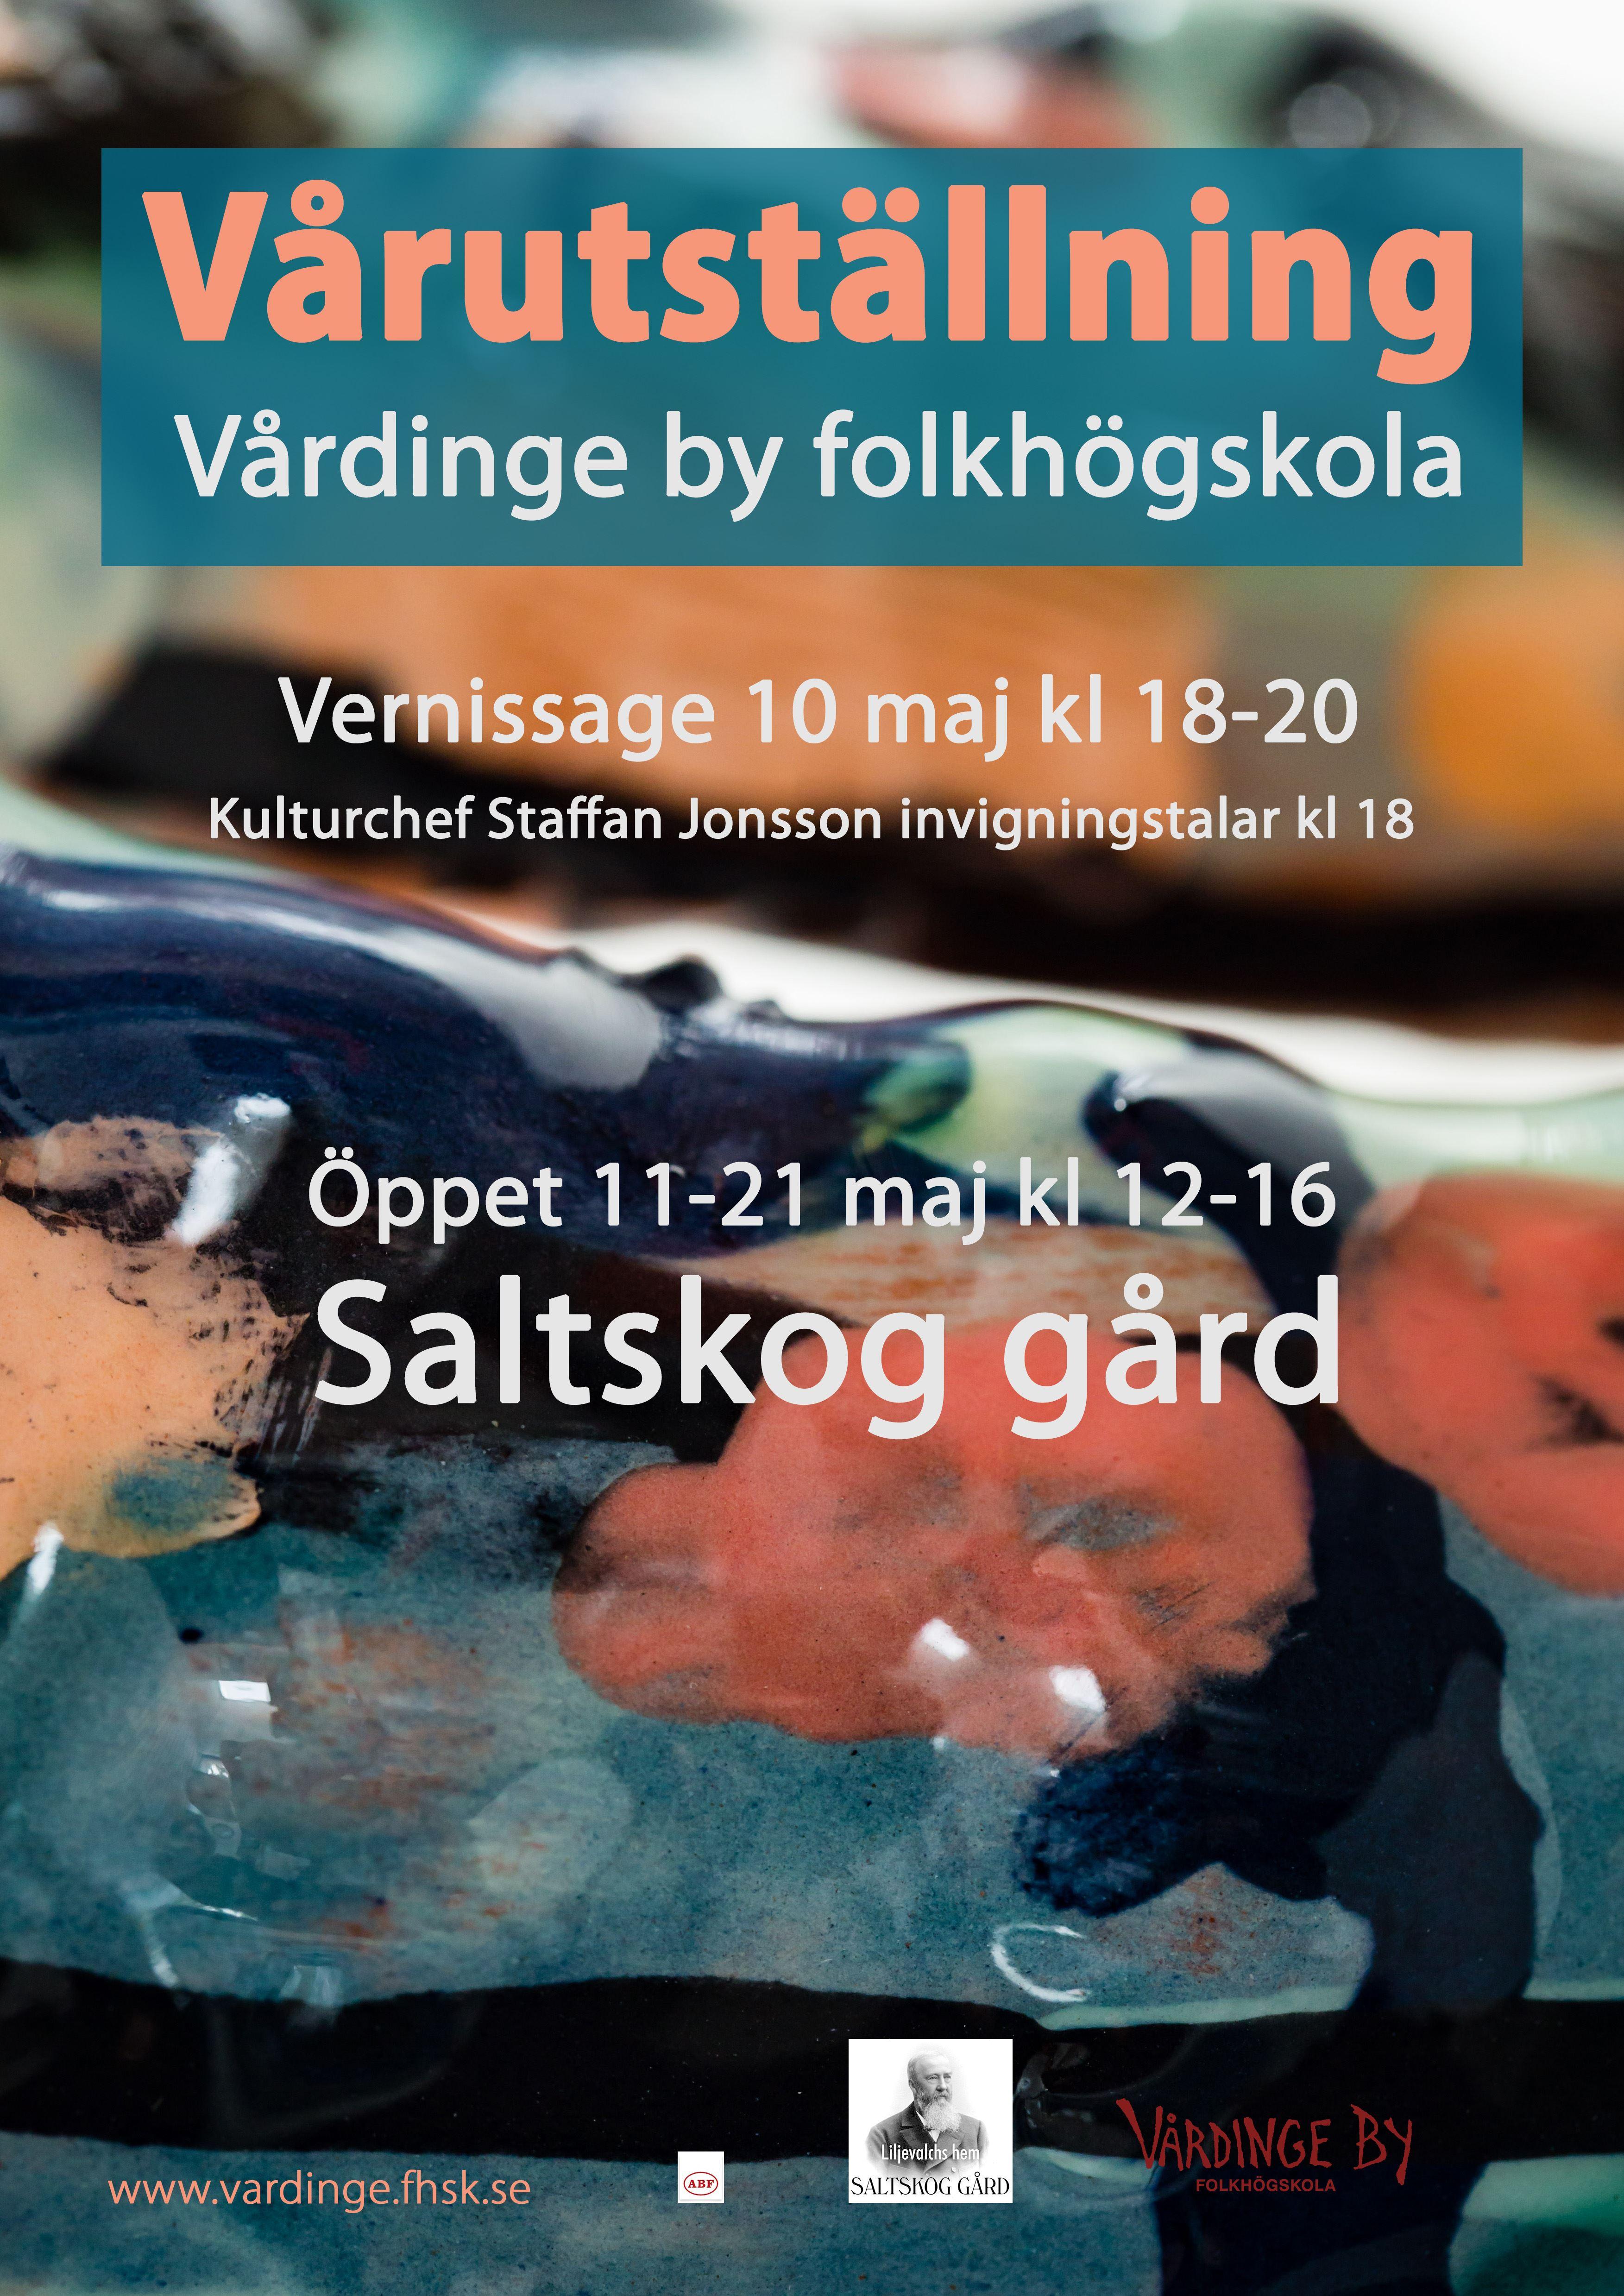 Carlotto Persson, Vårutställning